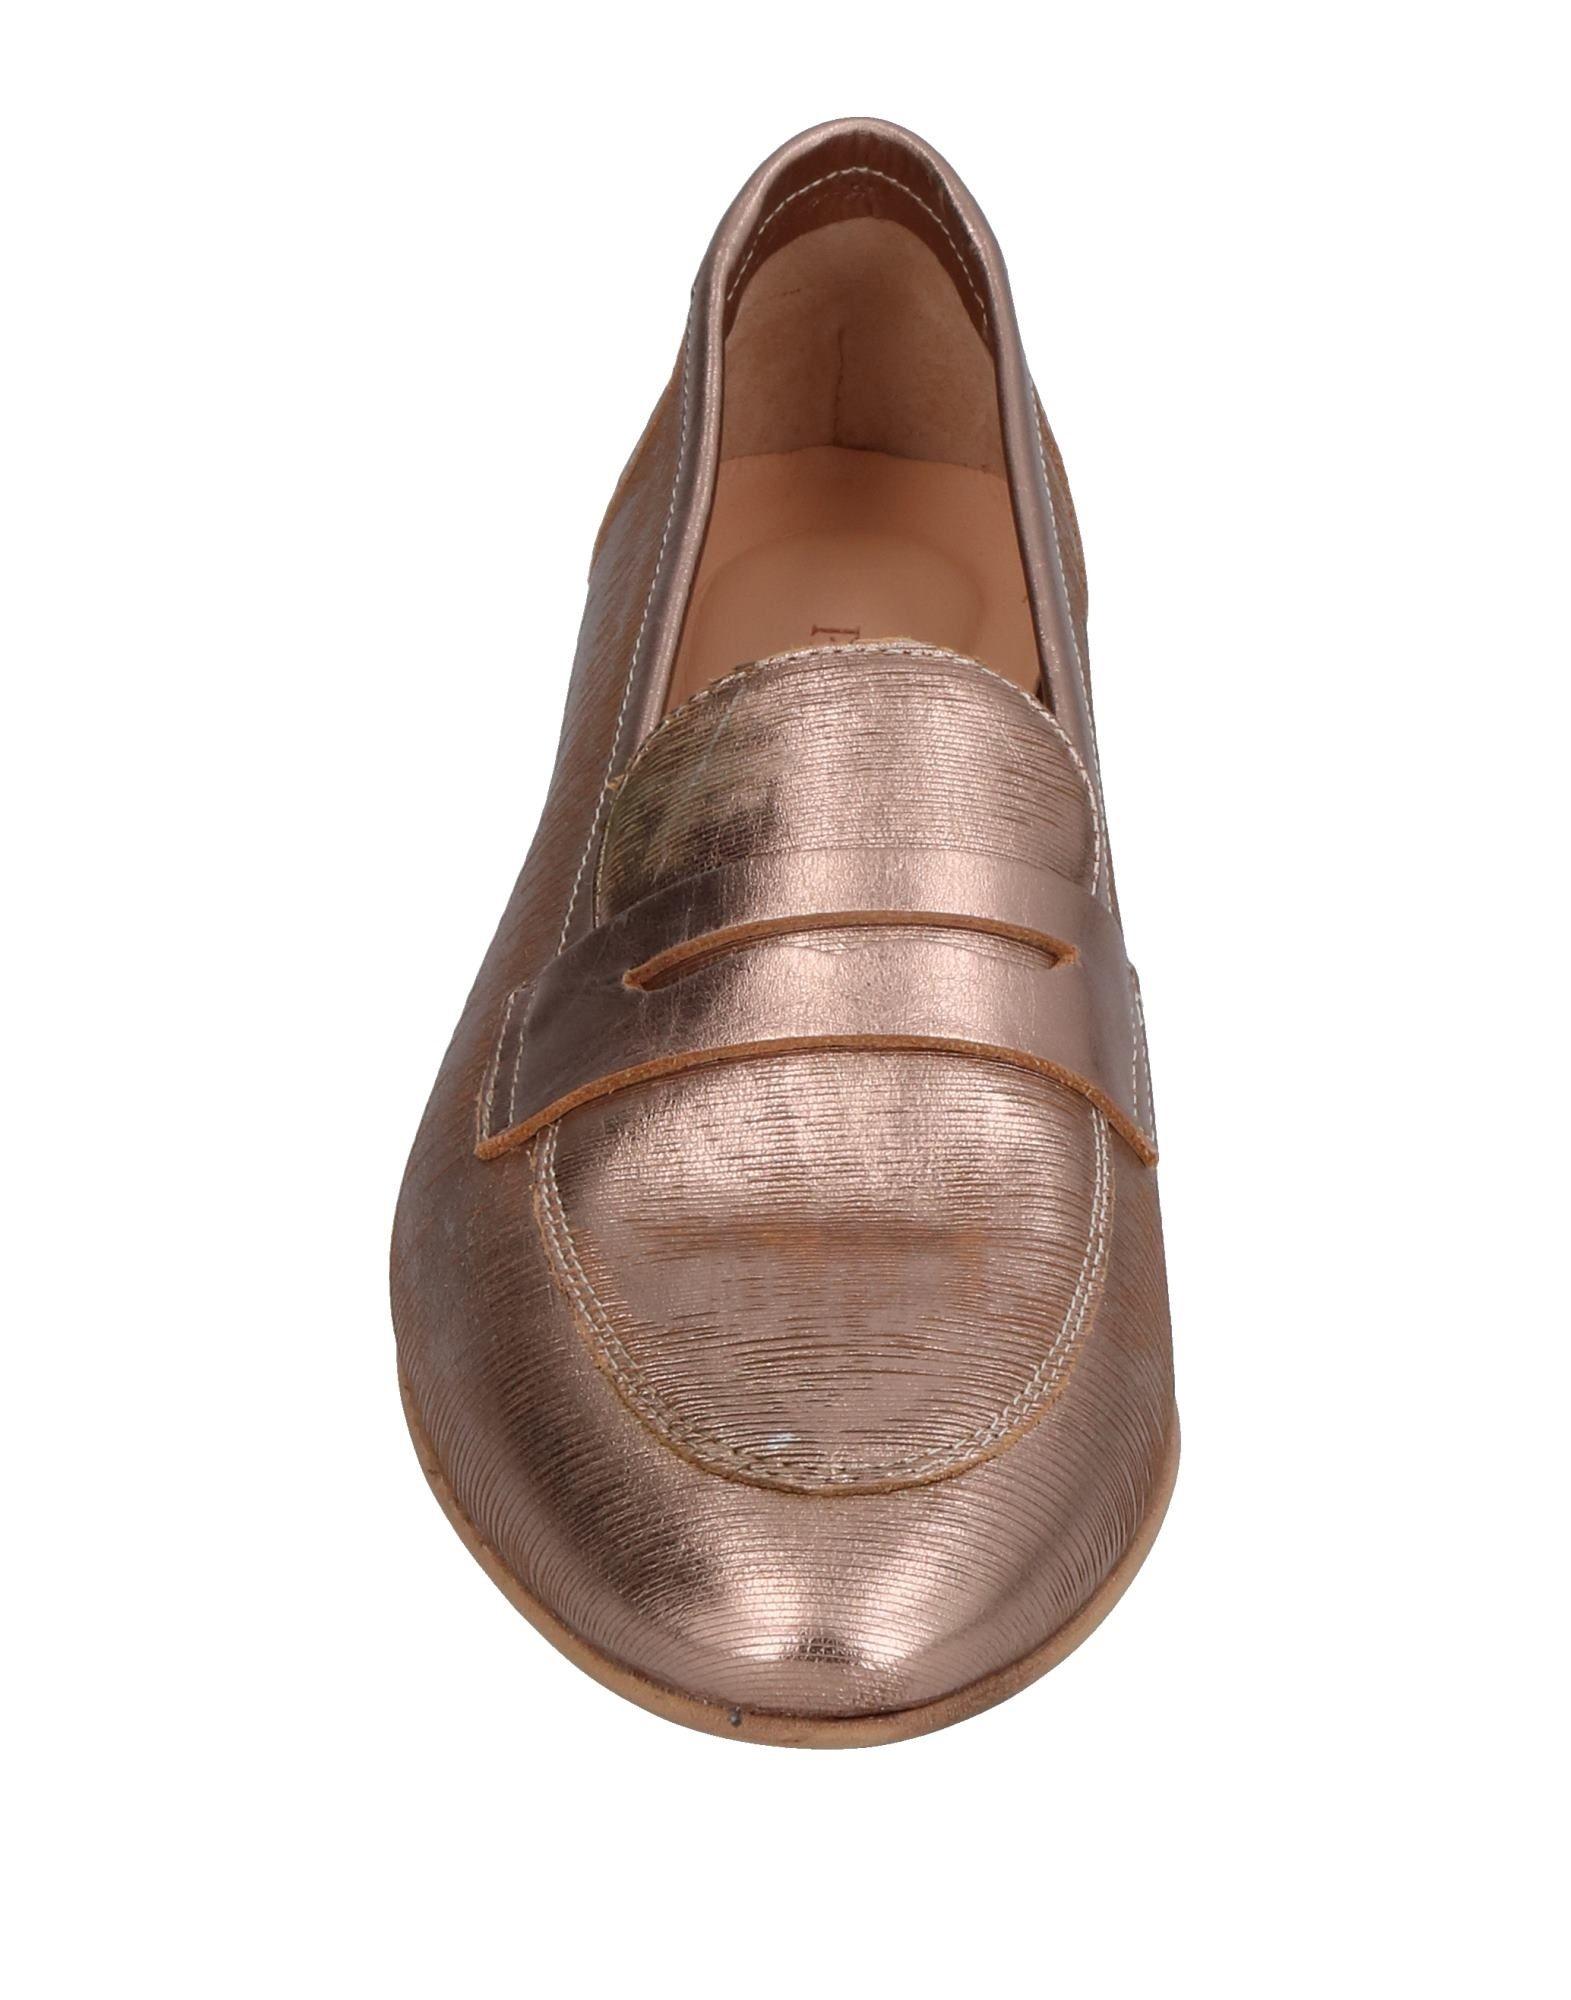 Carlo Pazolini Mokassins Damen  11407640HO Gute beliebte Qualität beliebte Gute Schuhe 00b7b4